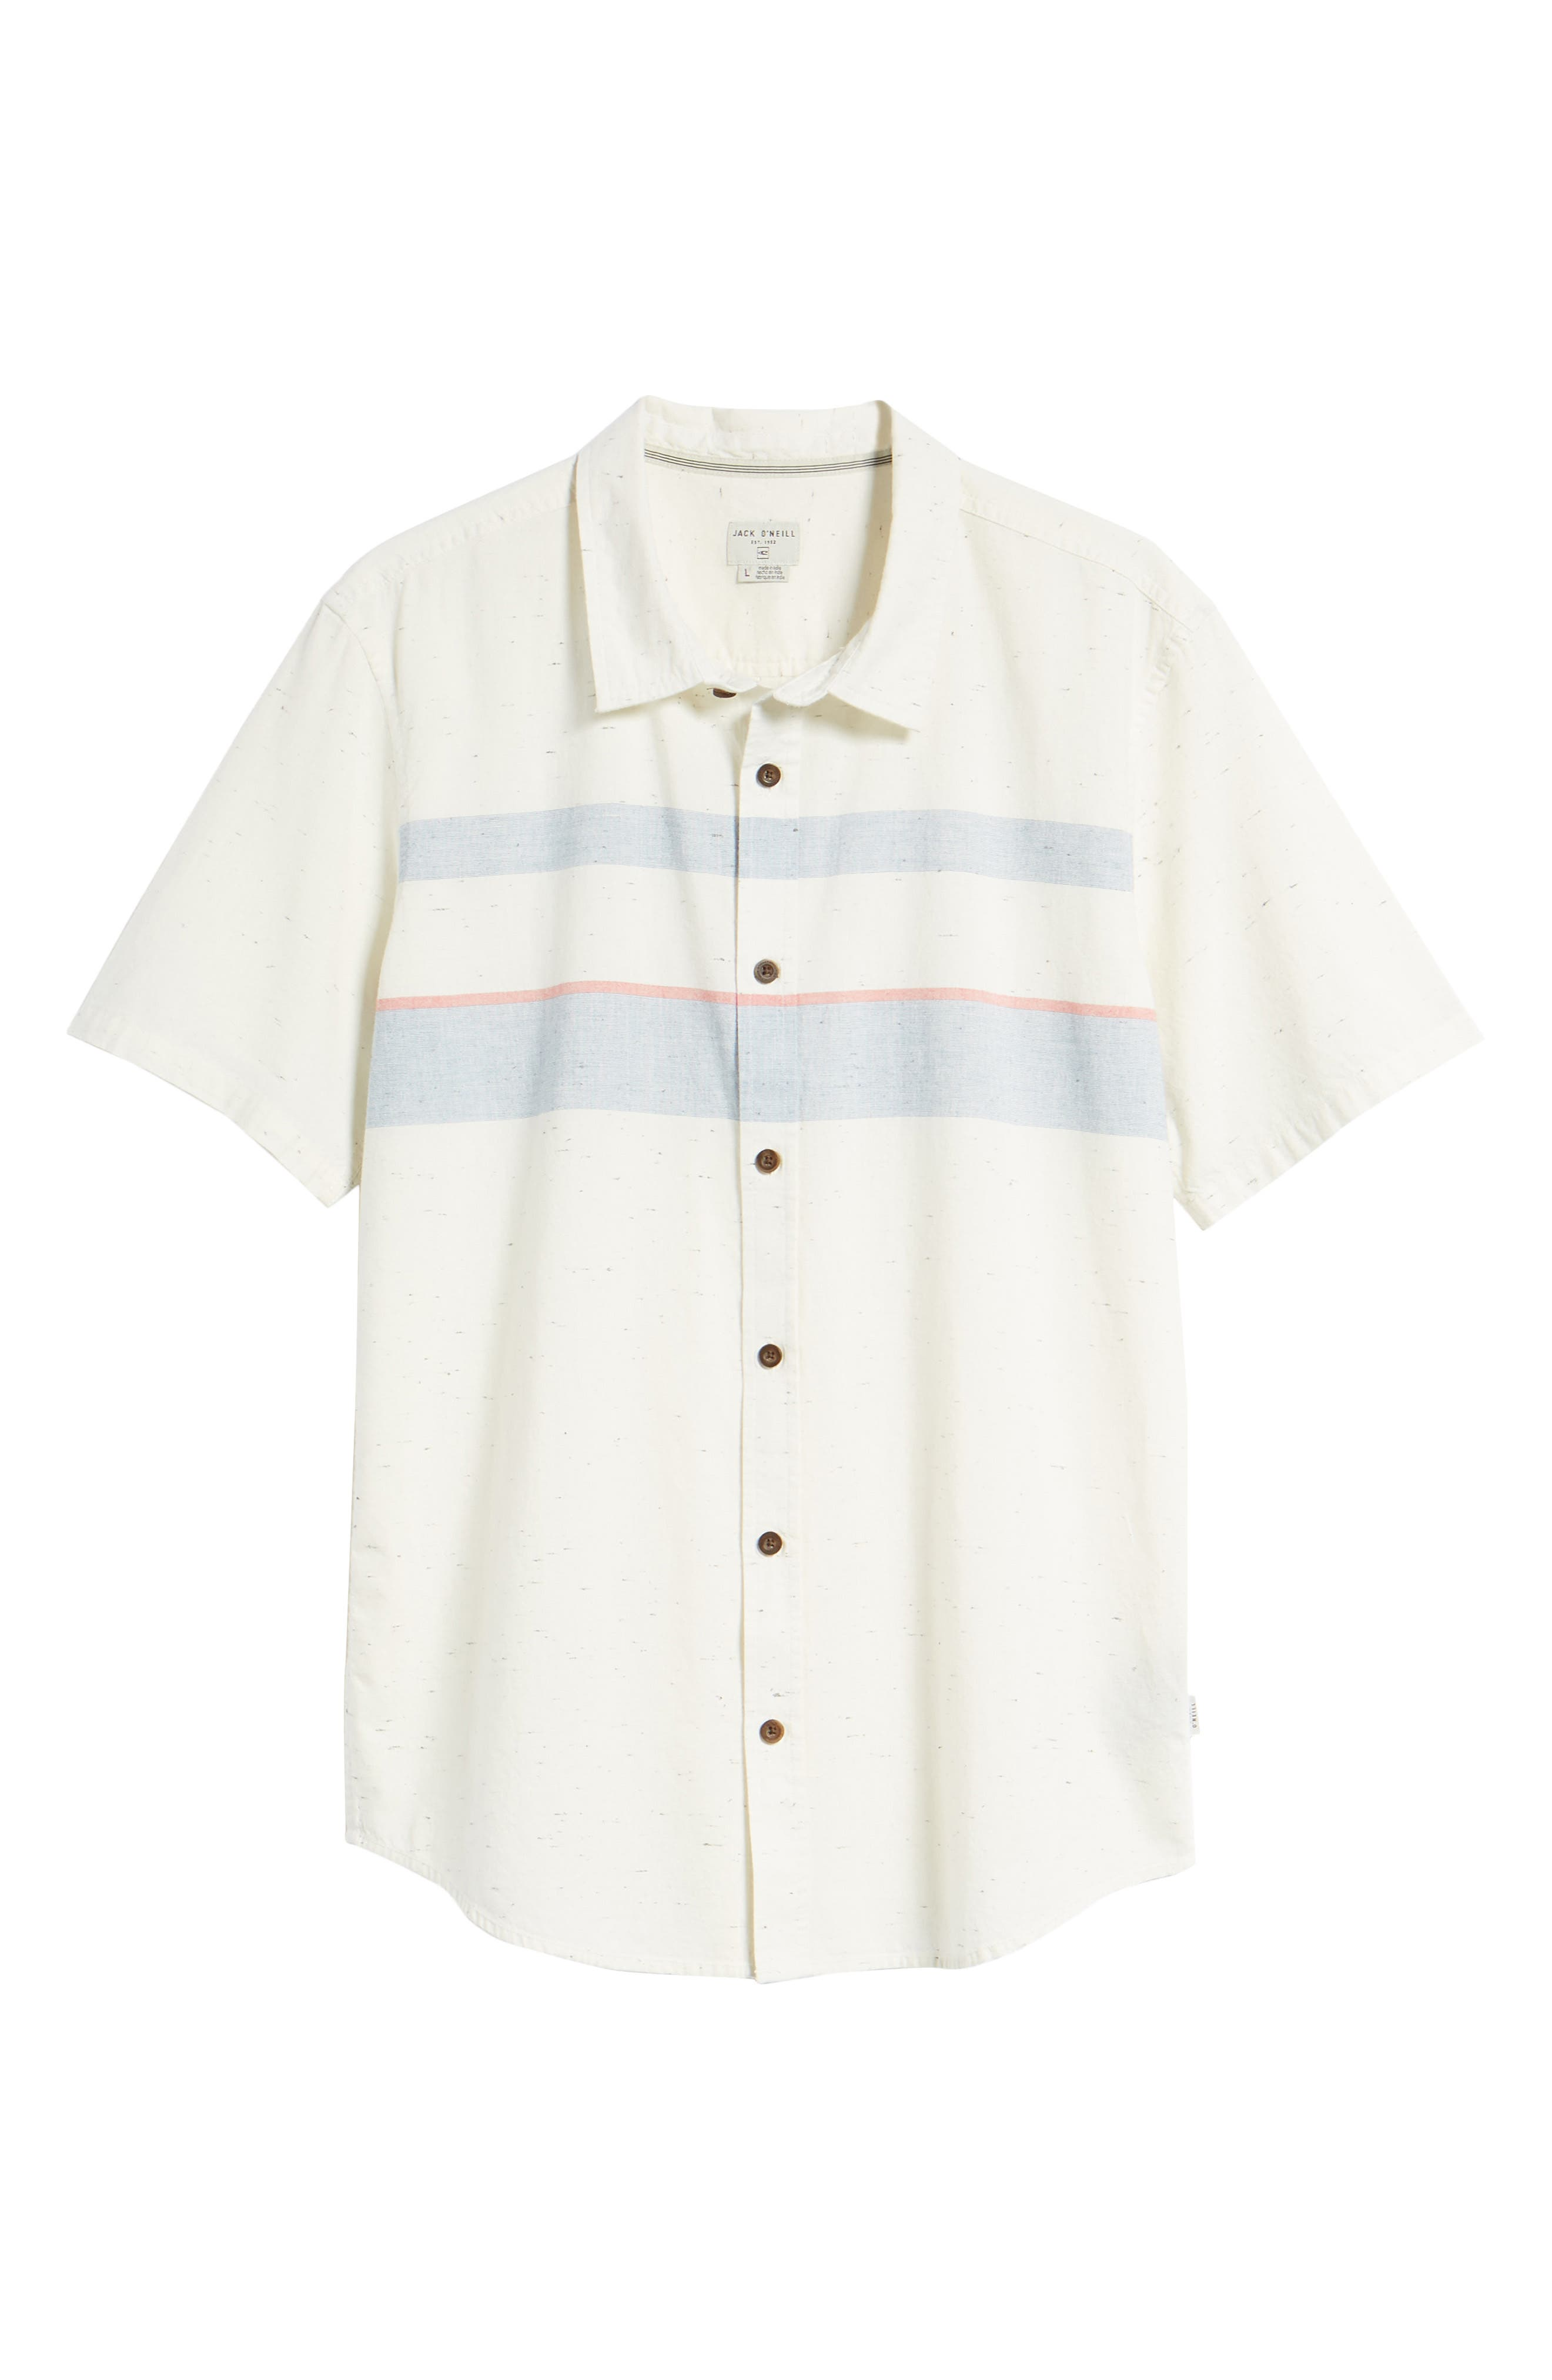 Charter Regular Fit Short Sleeve Sport Shirt,                             Alternate thumbnail 6, color,                             WHITE